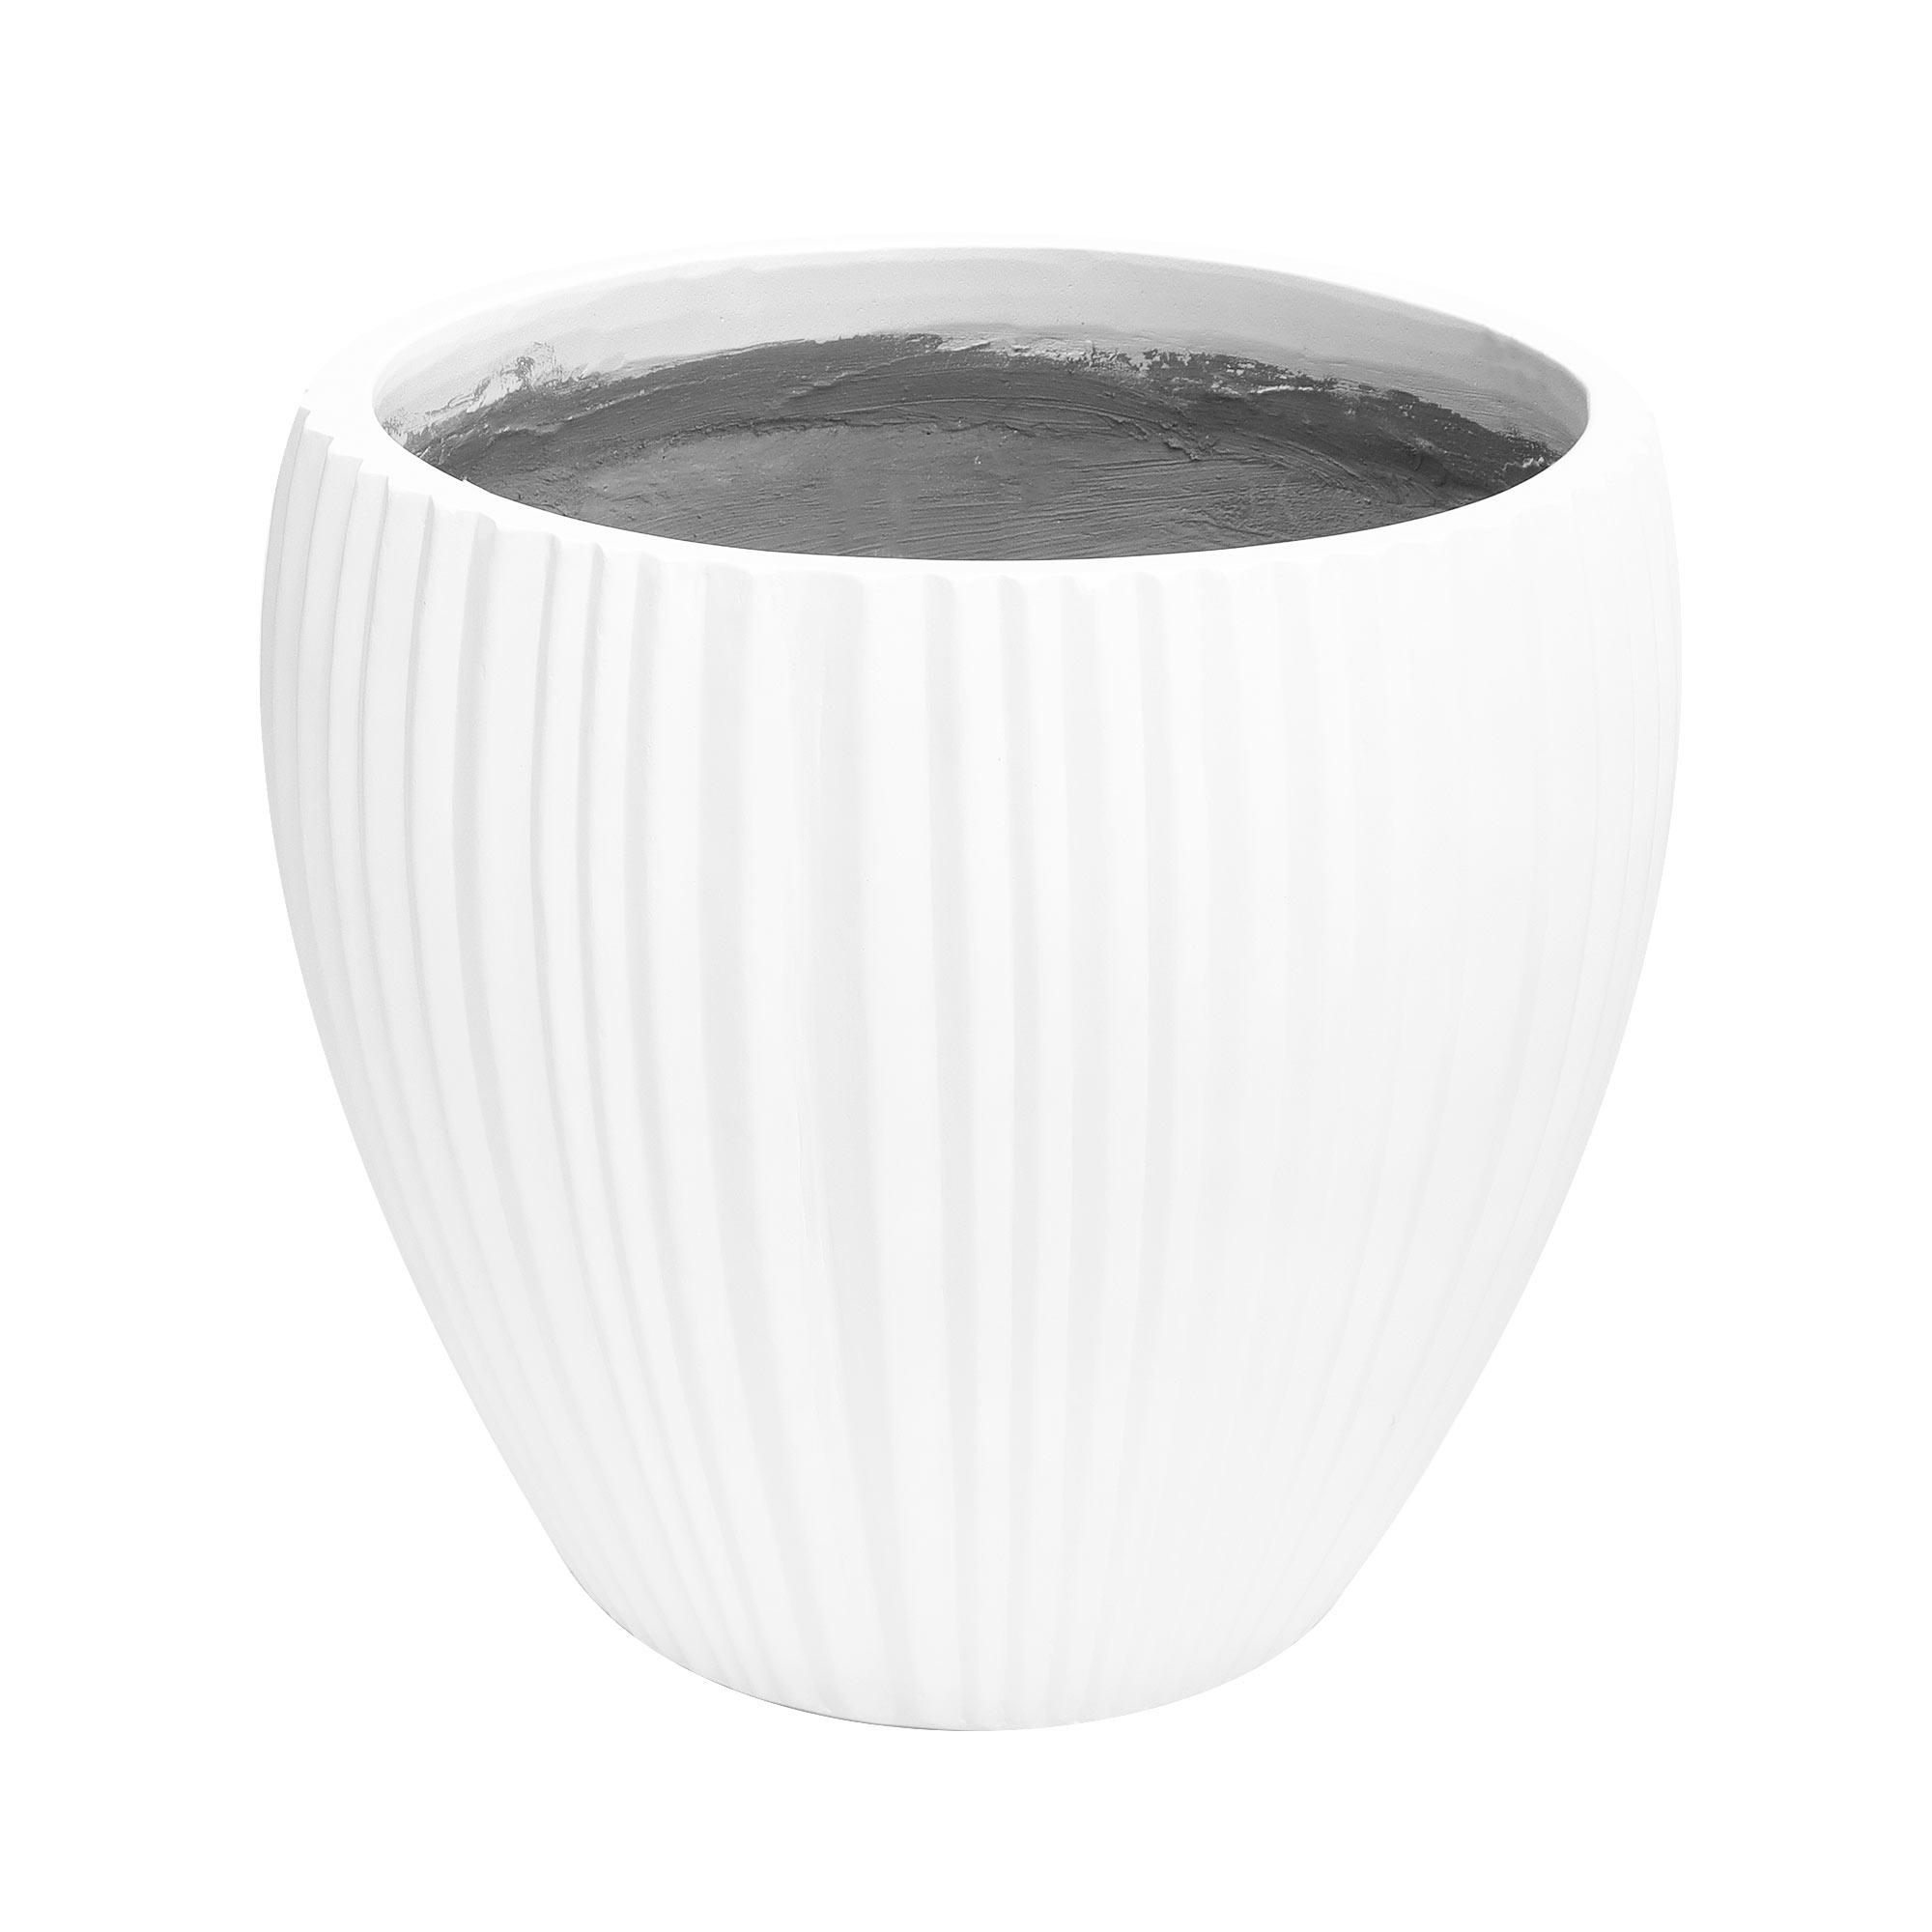 Кашпо Hoang pottery глазурь 56x50 см белое недорого